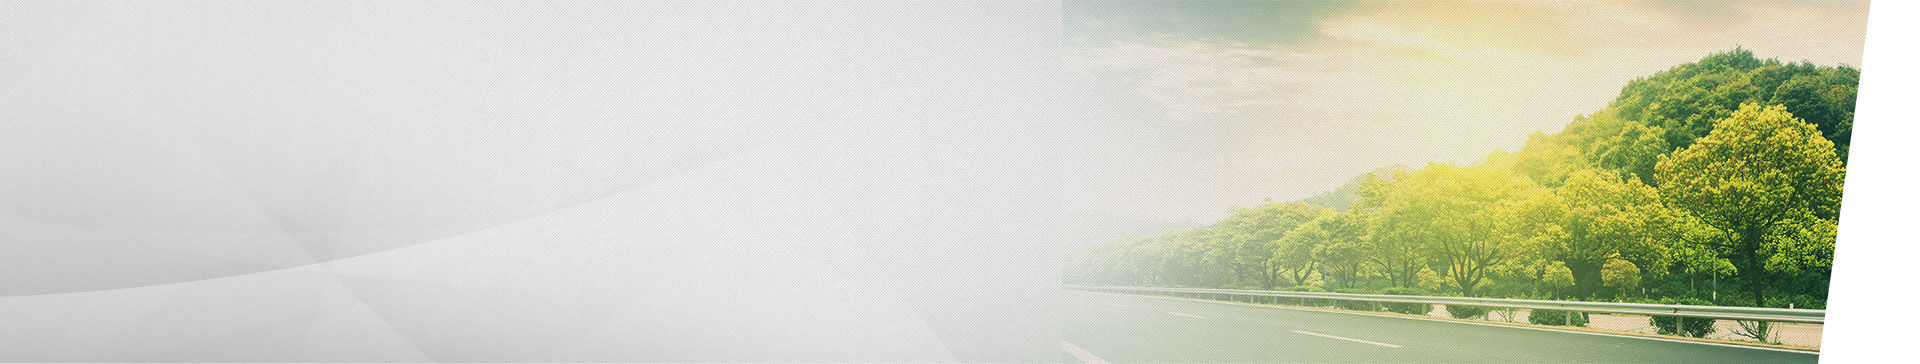 Yaris Berline  2019 | Image d'arrière plan